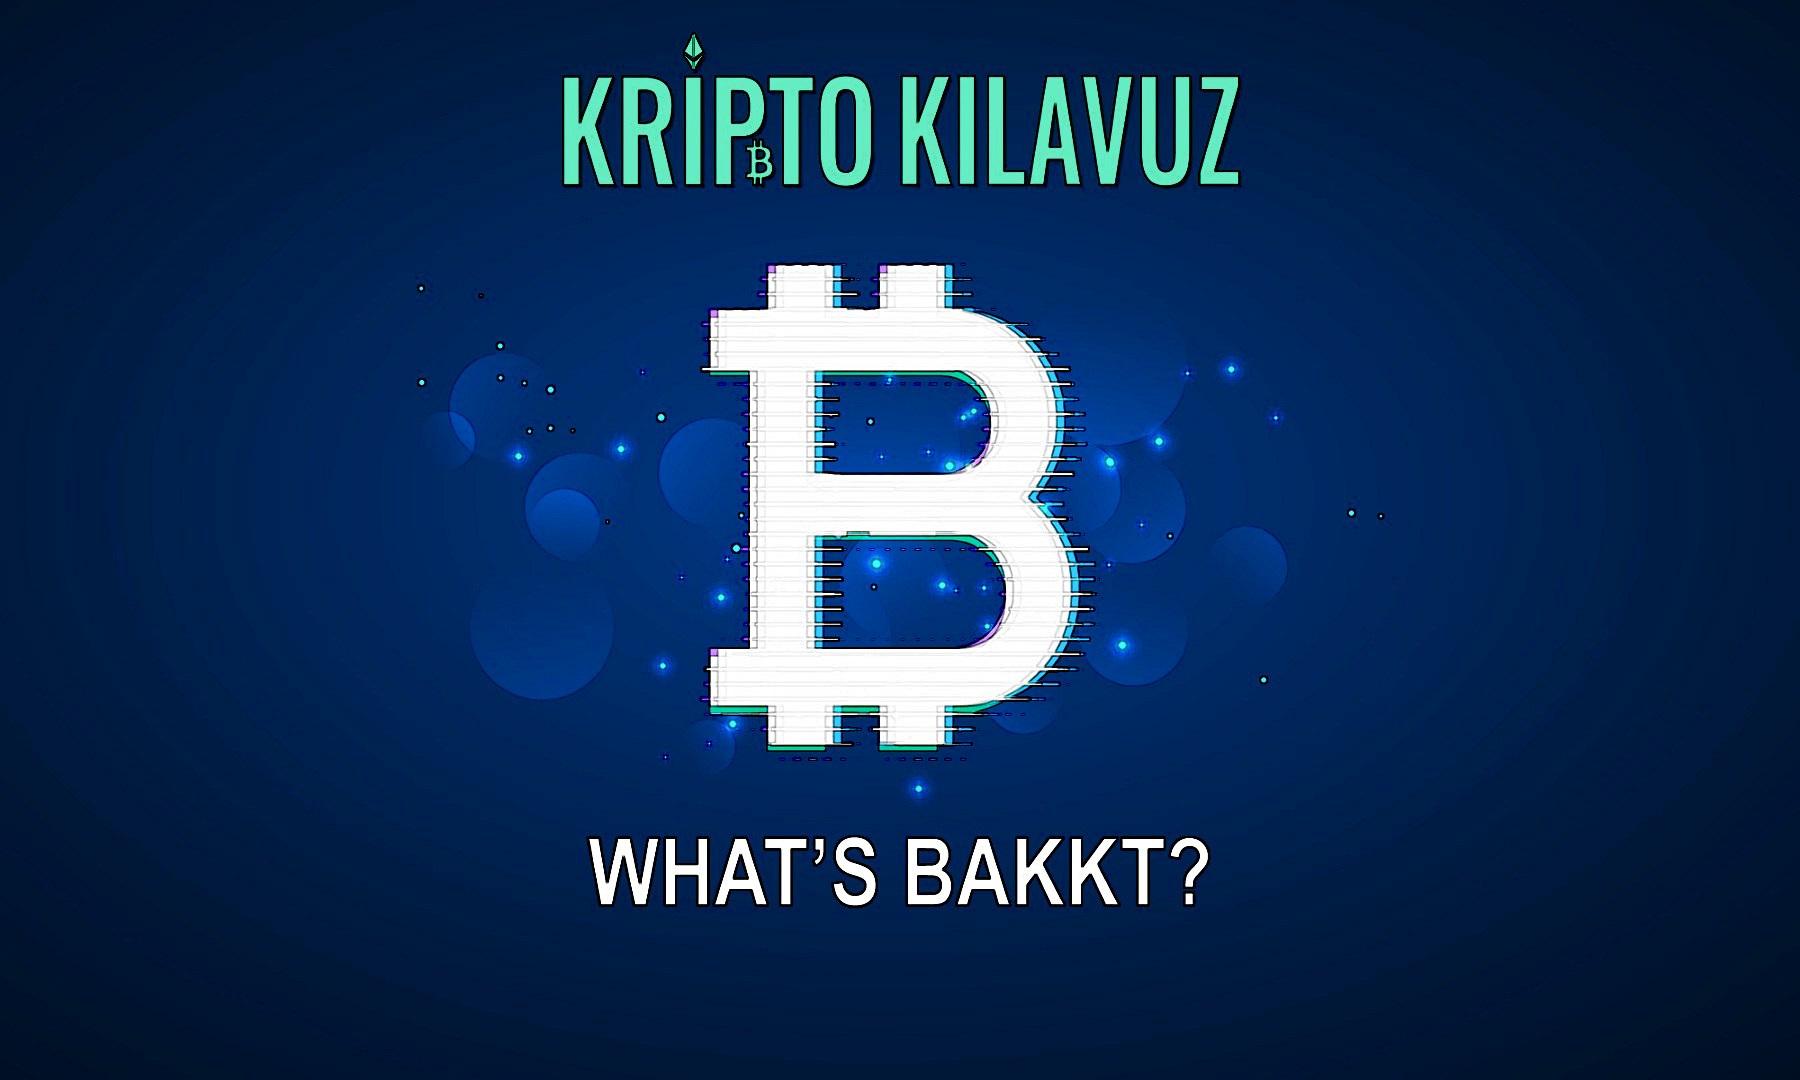 BAKKT Nedir? Kripto Para Dünyasını Nasıl Değiştirecek?